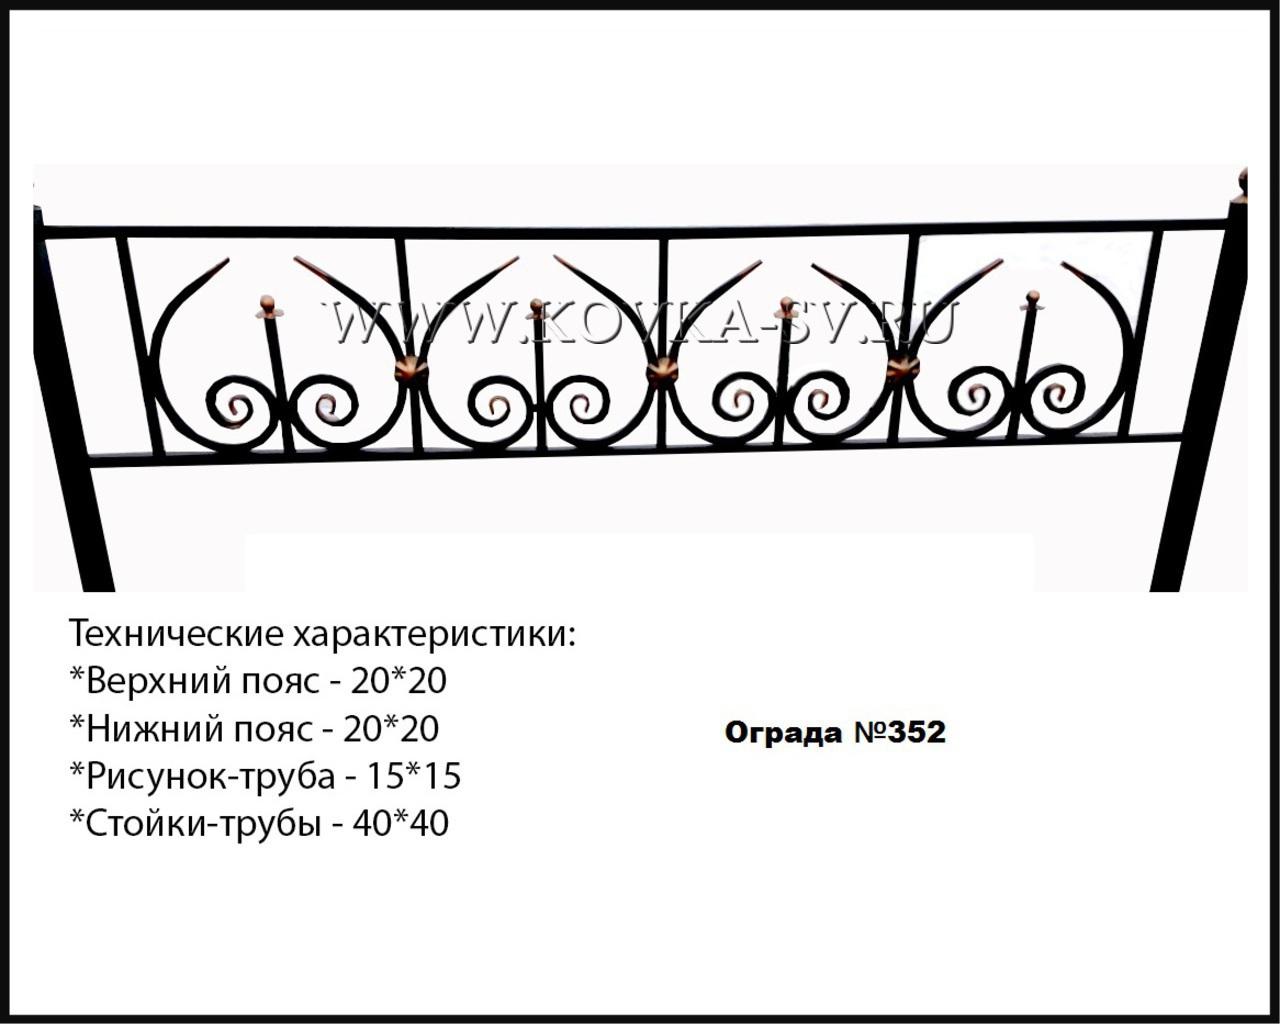 Ограда №352